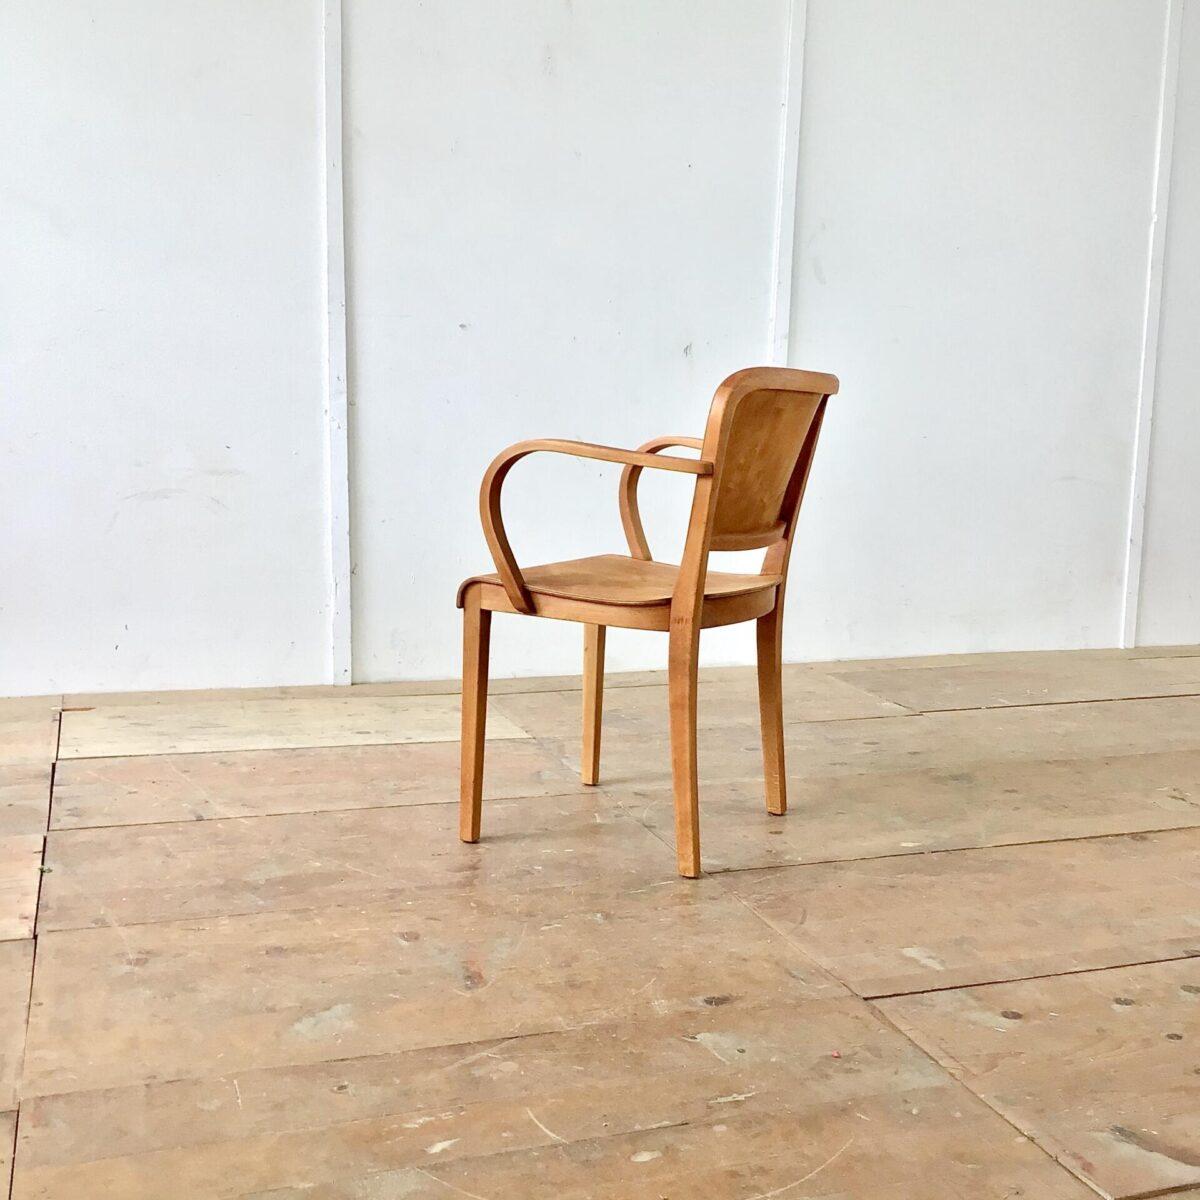 deuxieme.shop Gut erhaltener Armlehnstuhl von horgenglarus. Komplett Geschliffen und geölt. Warme Matte, leicht rötliche Ausstrahlung. Durch seine breite und sehr ergonomische Ausarbeitung kann man ihn gut mit Armlehnsessel bezeichnen.